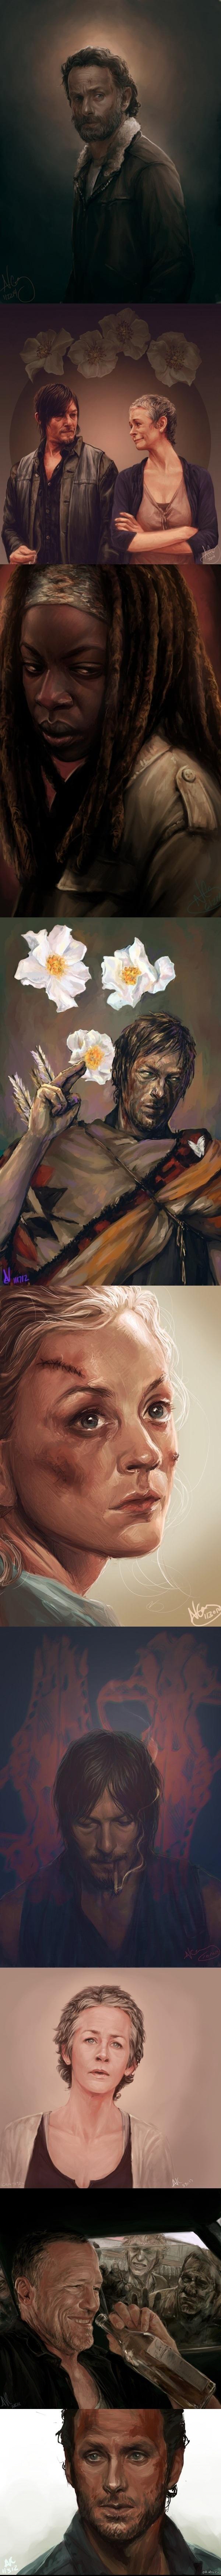 Немного арта на ходячих мертвецов by Czaritsa  ходячие мертвецы, The walking dead, арт, Картинки, не мое, длиннопост